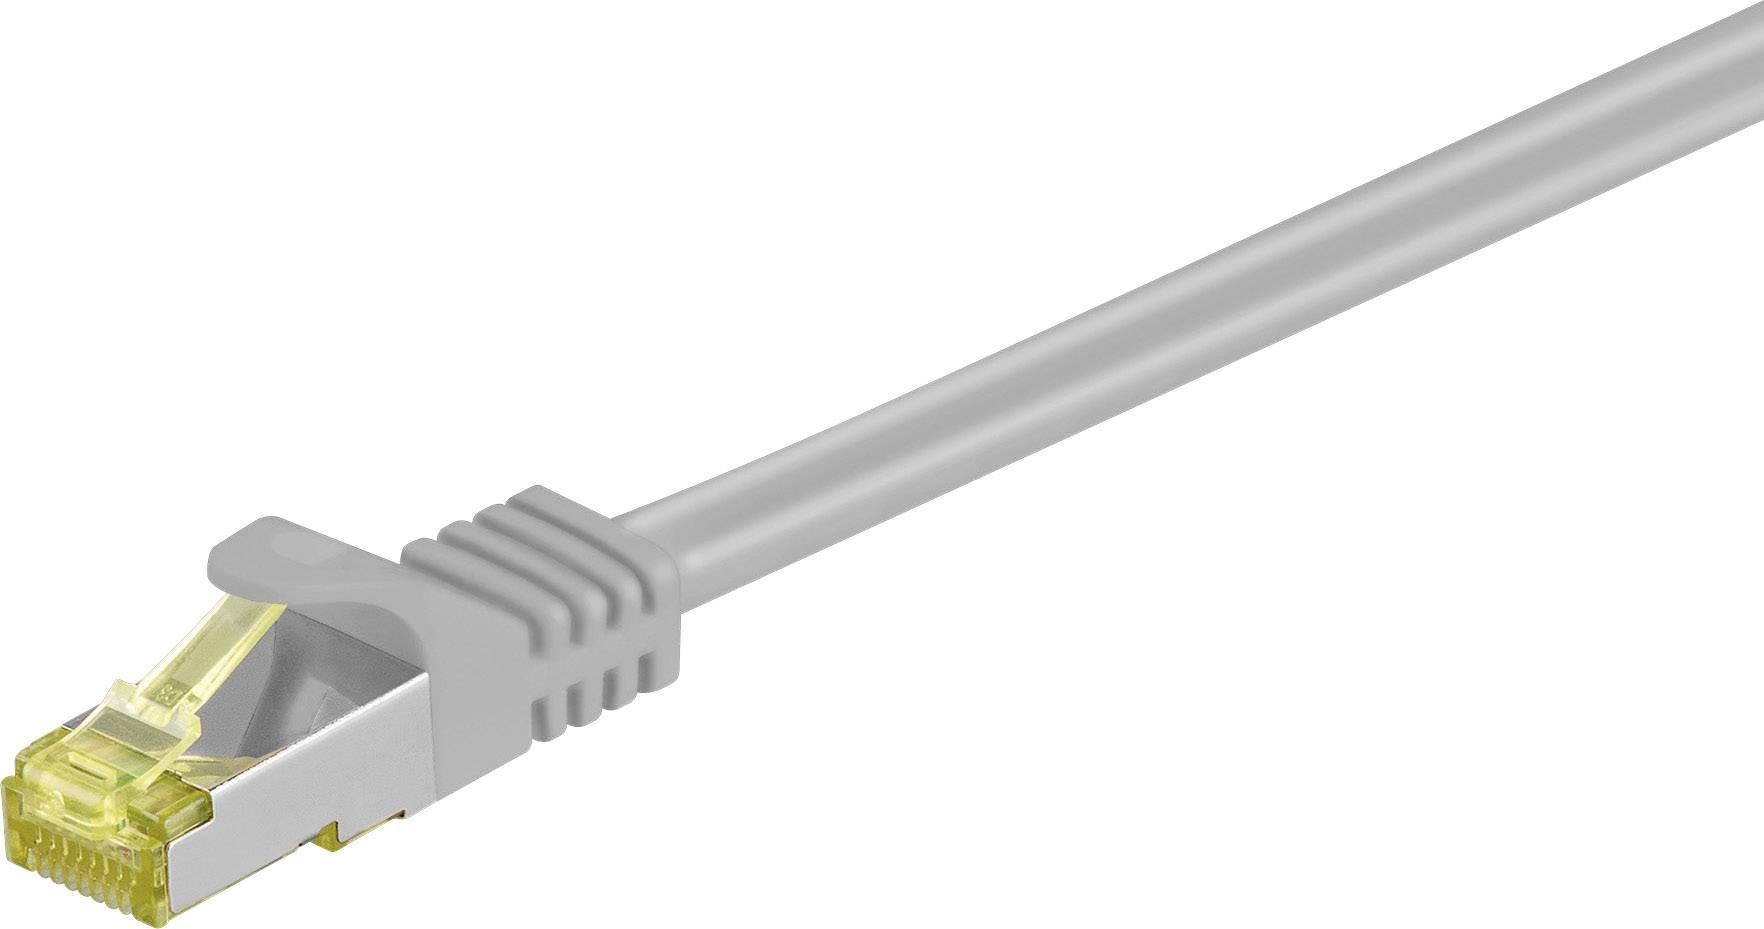 Síťový kabel RJ45 Goobay 91675, CAT 6a (surový kabel CAT 7) , S/FTP, 30 m, šedá